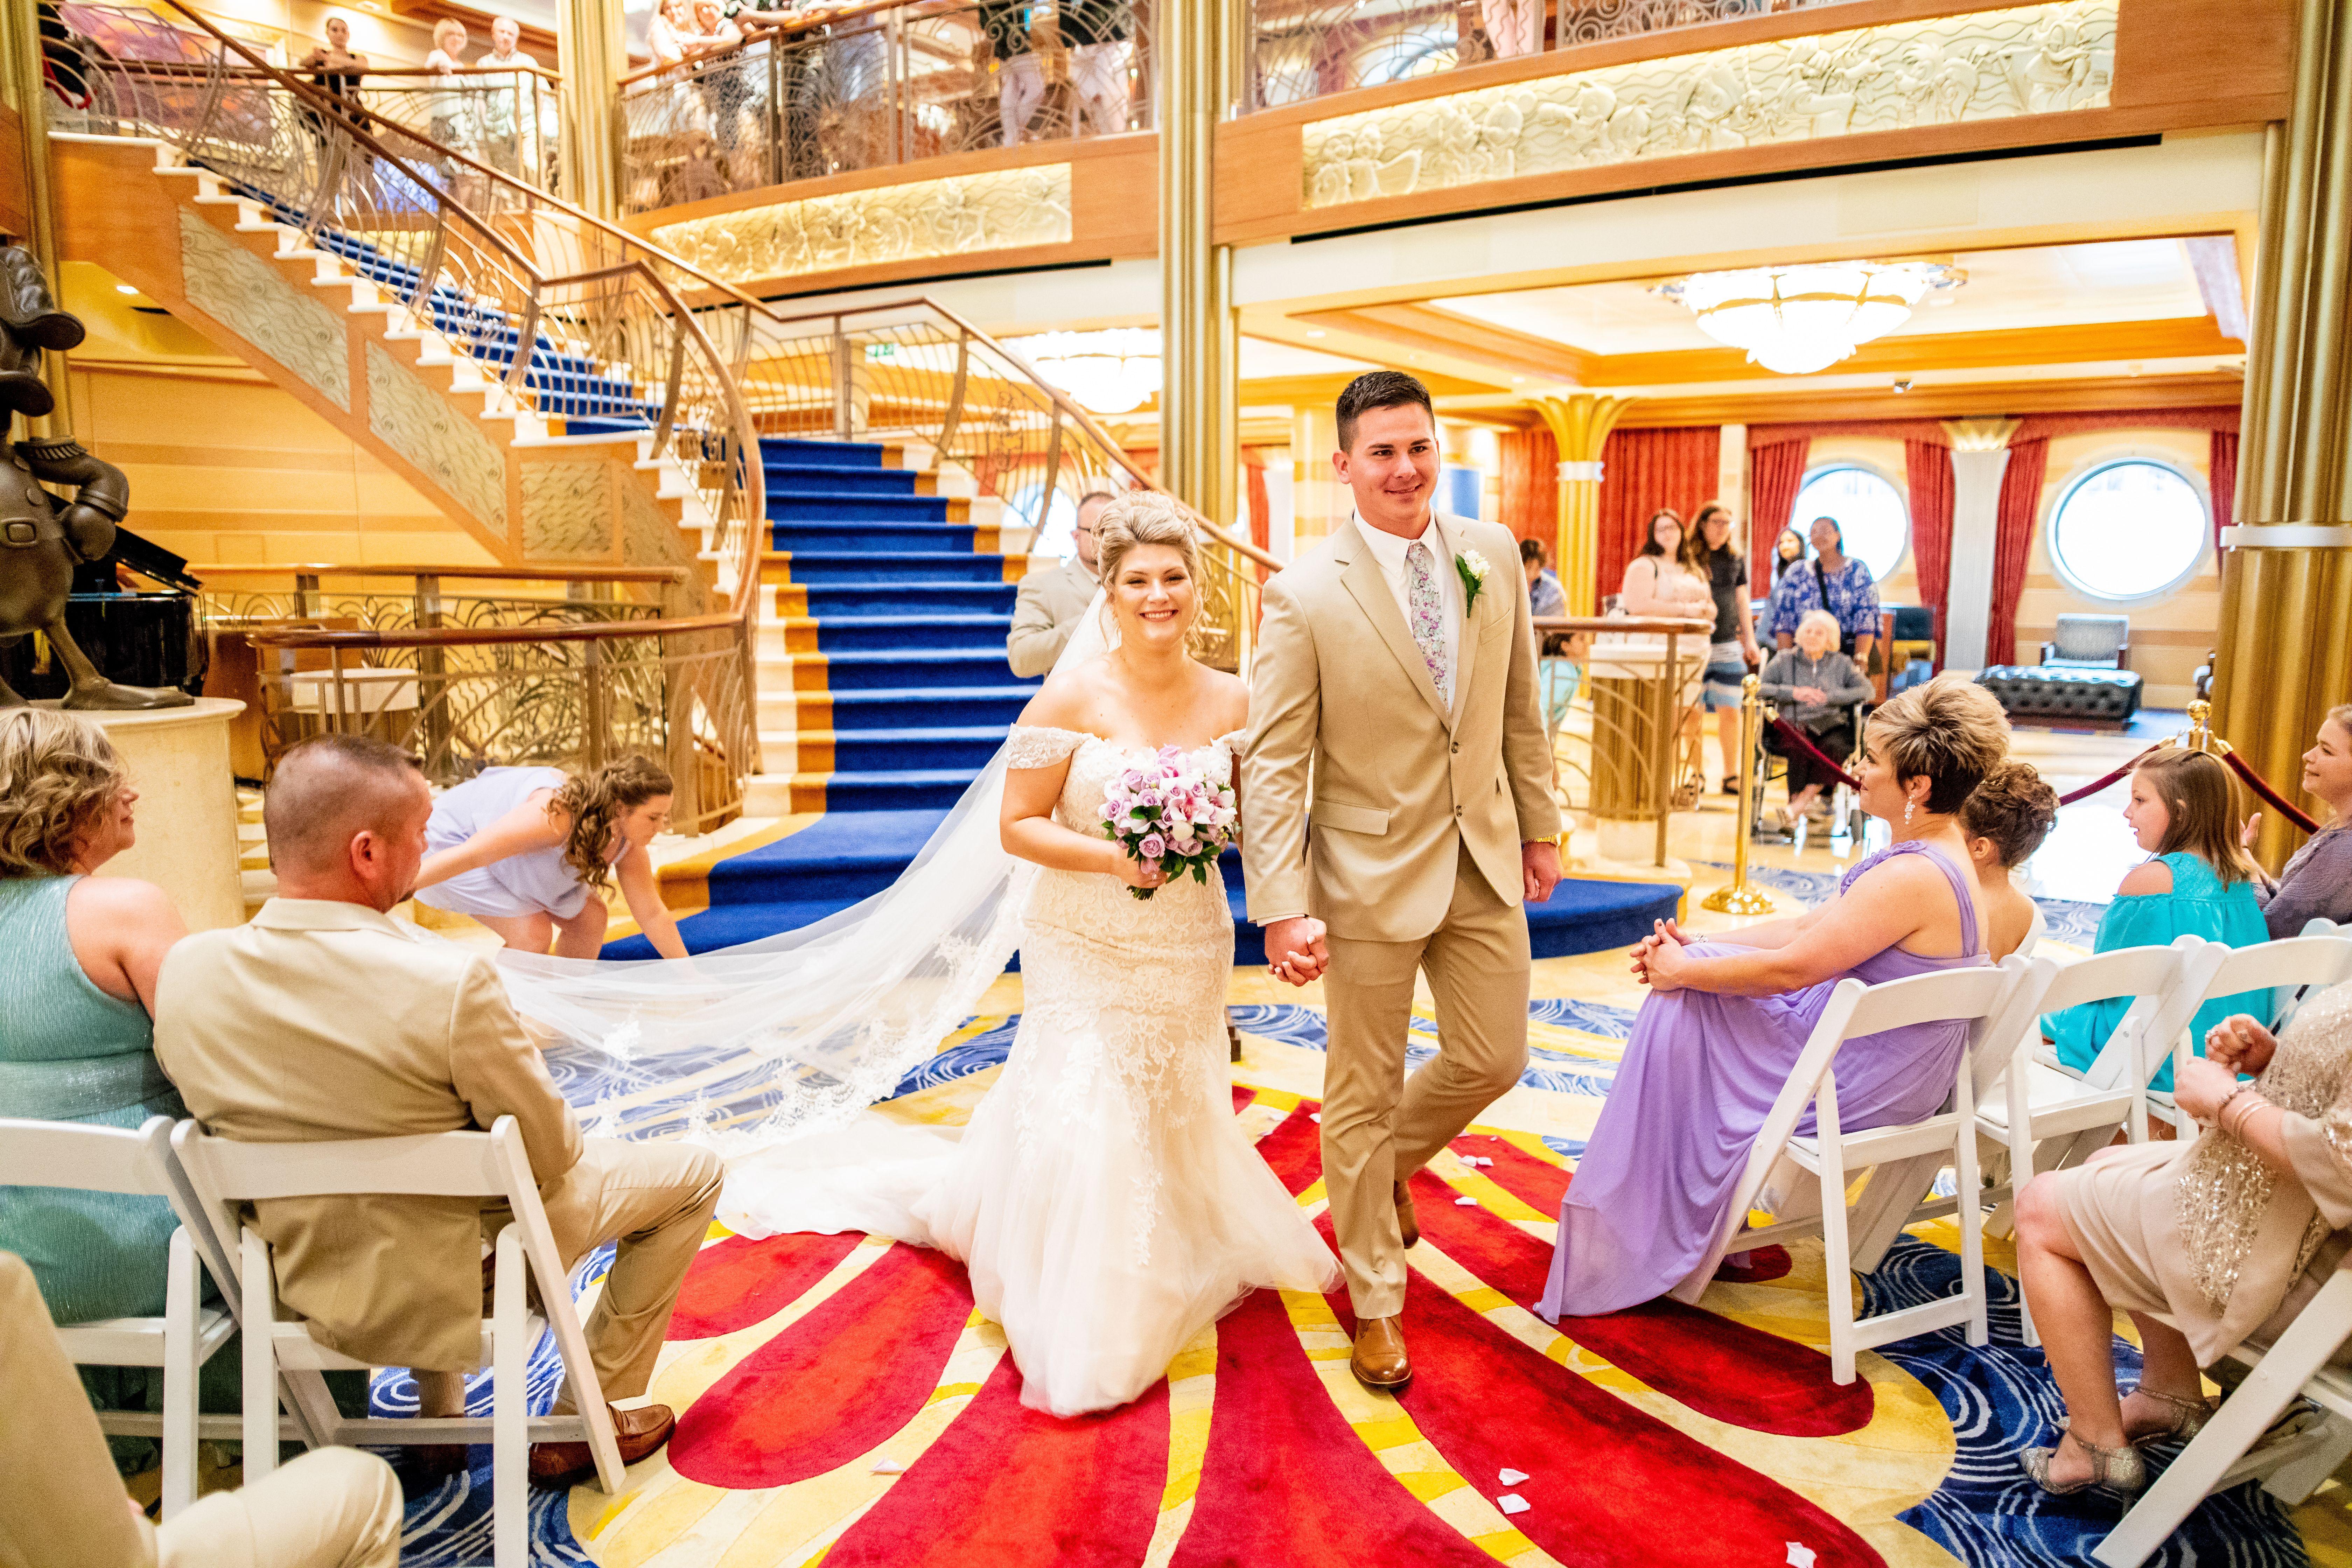 Disney Cruise Wedding.Disney Dream Atrium Cruise Wedding Ceremony Disney Cruise Line